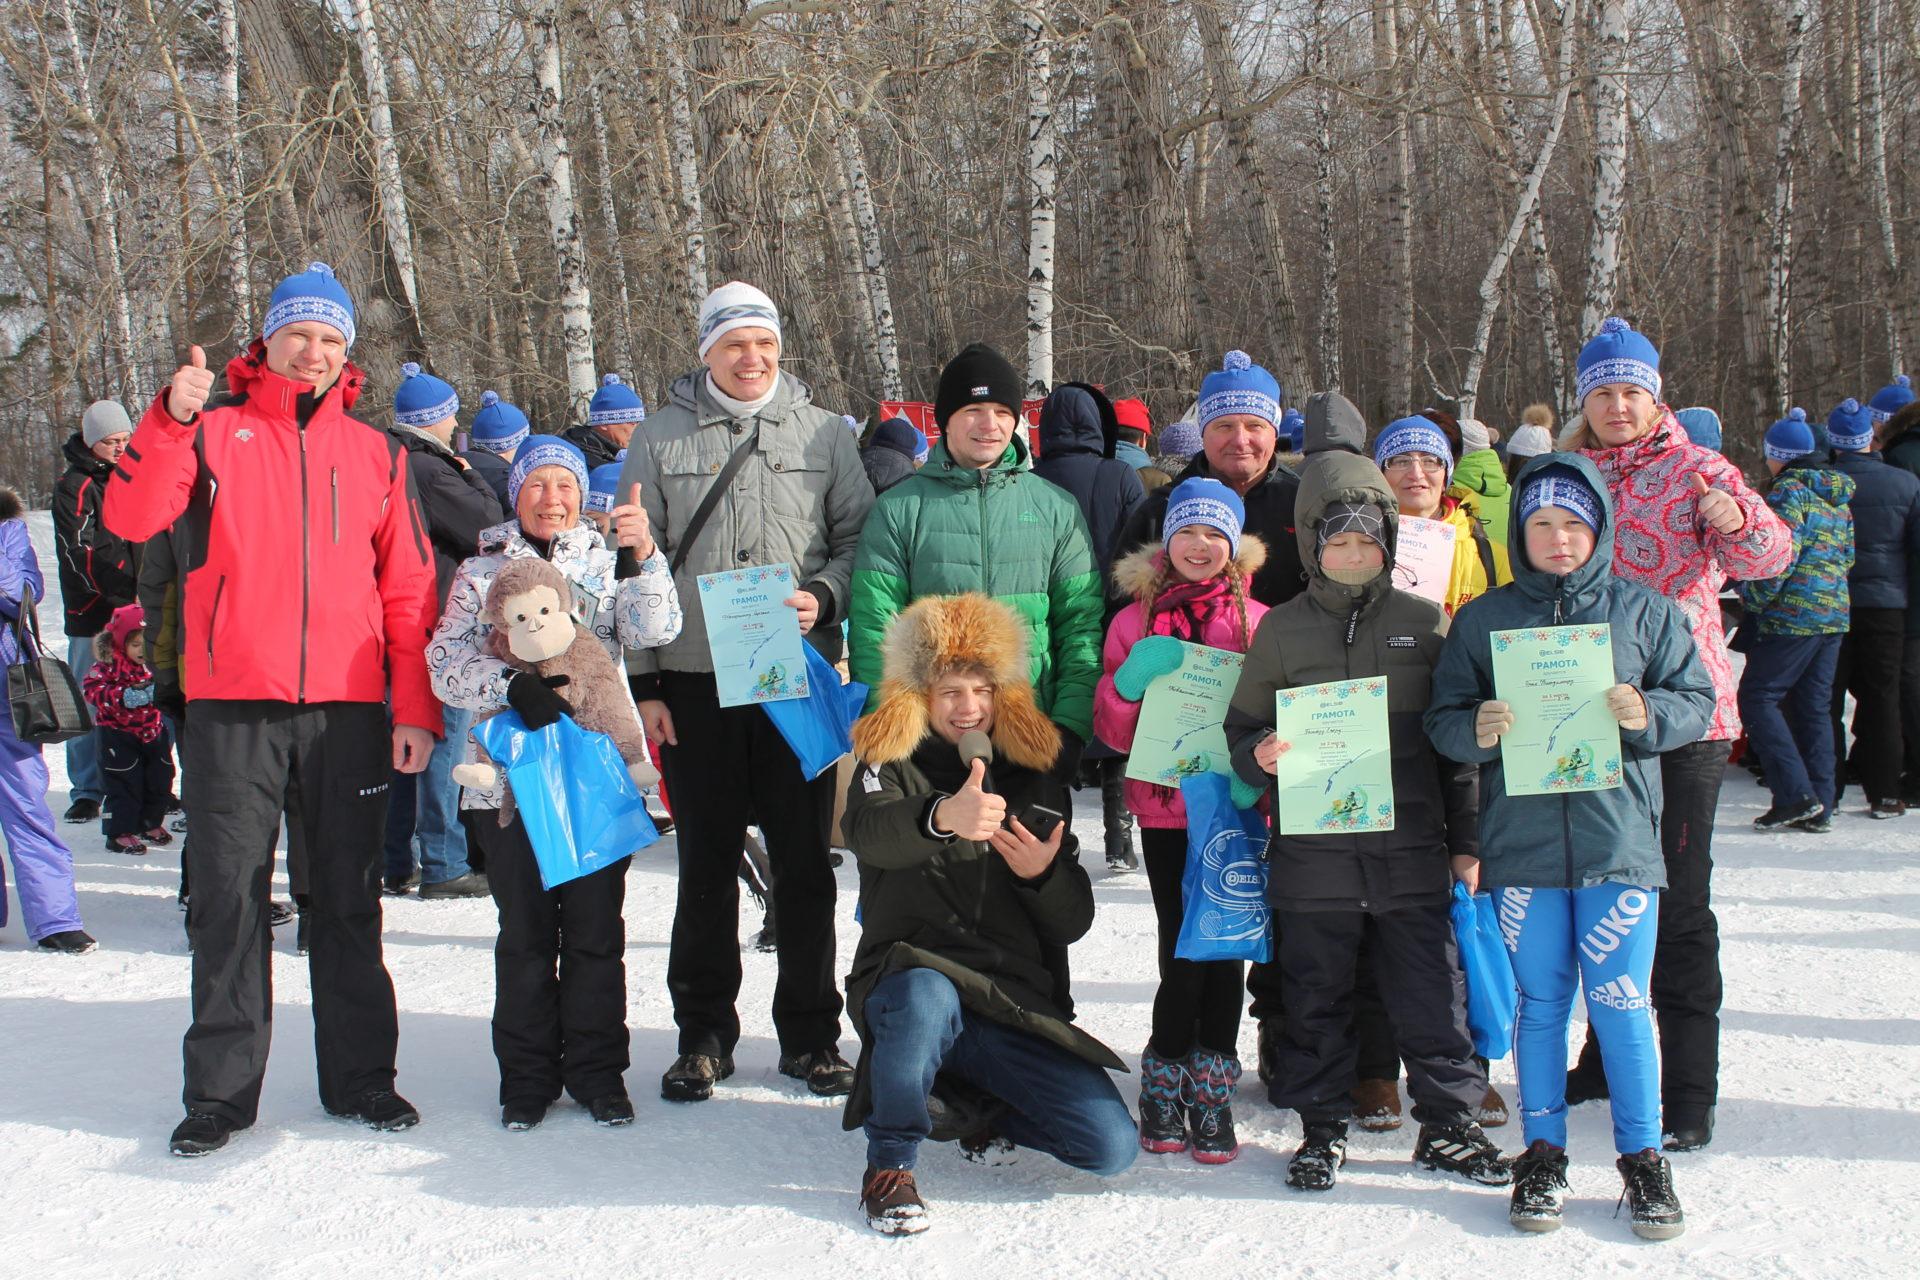 ЭЛСИБ проведет лыжную гонку